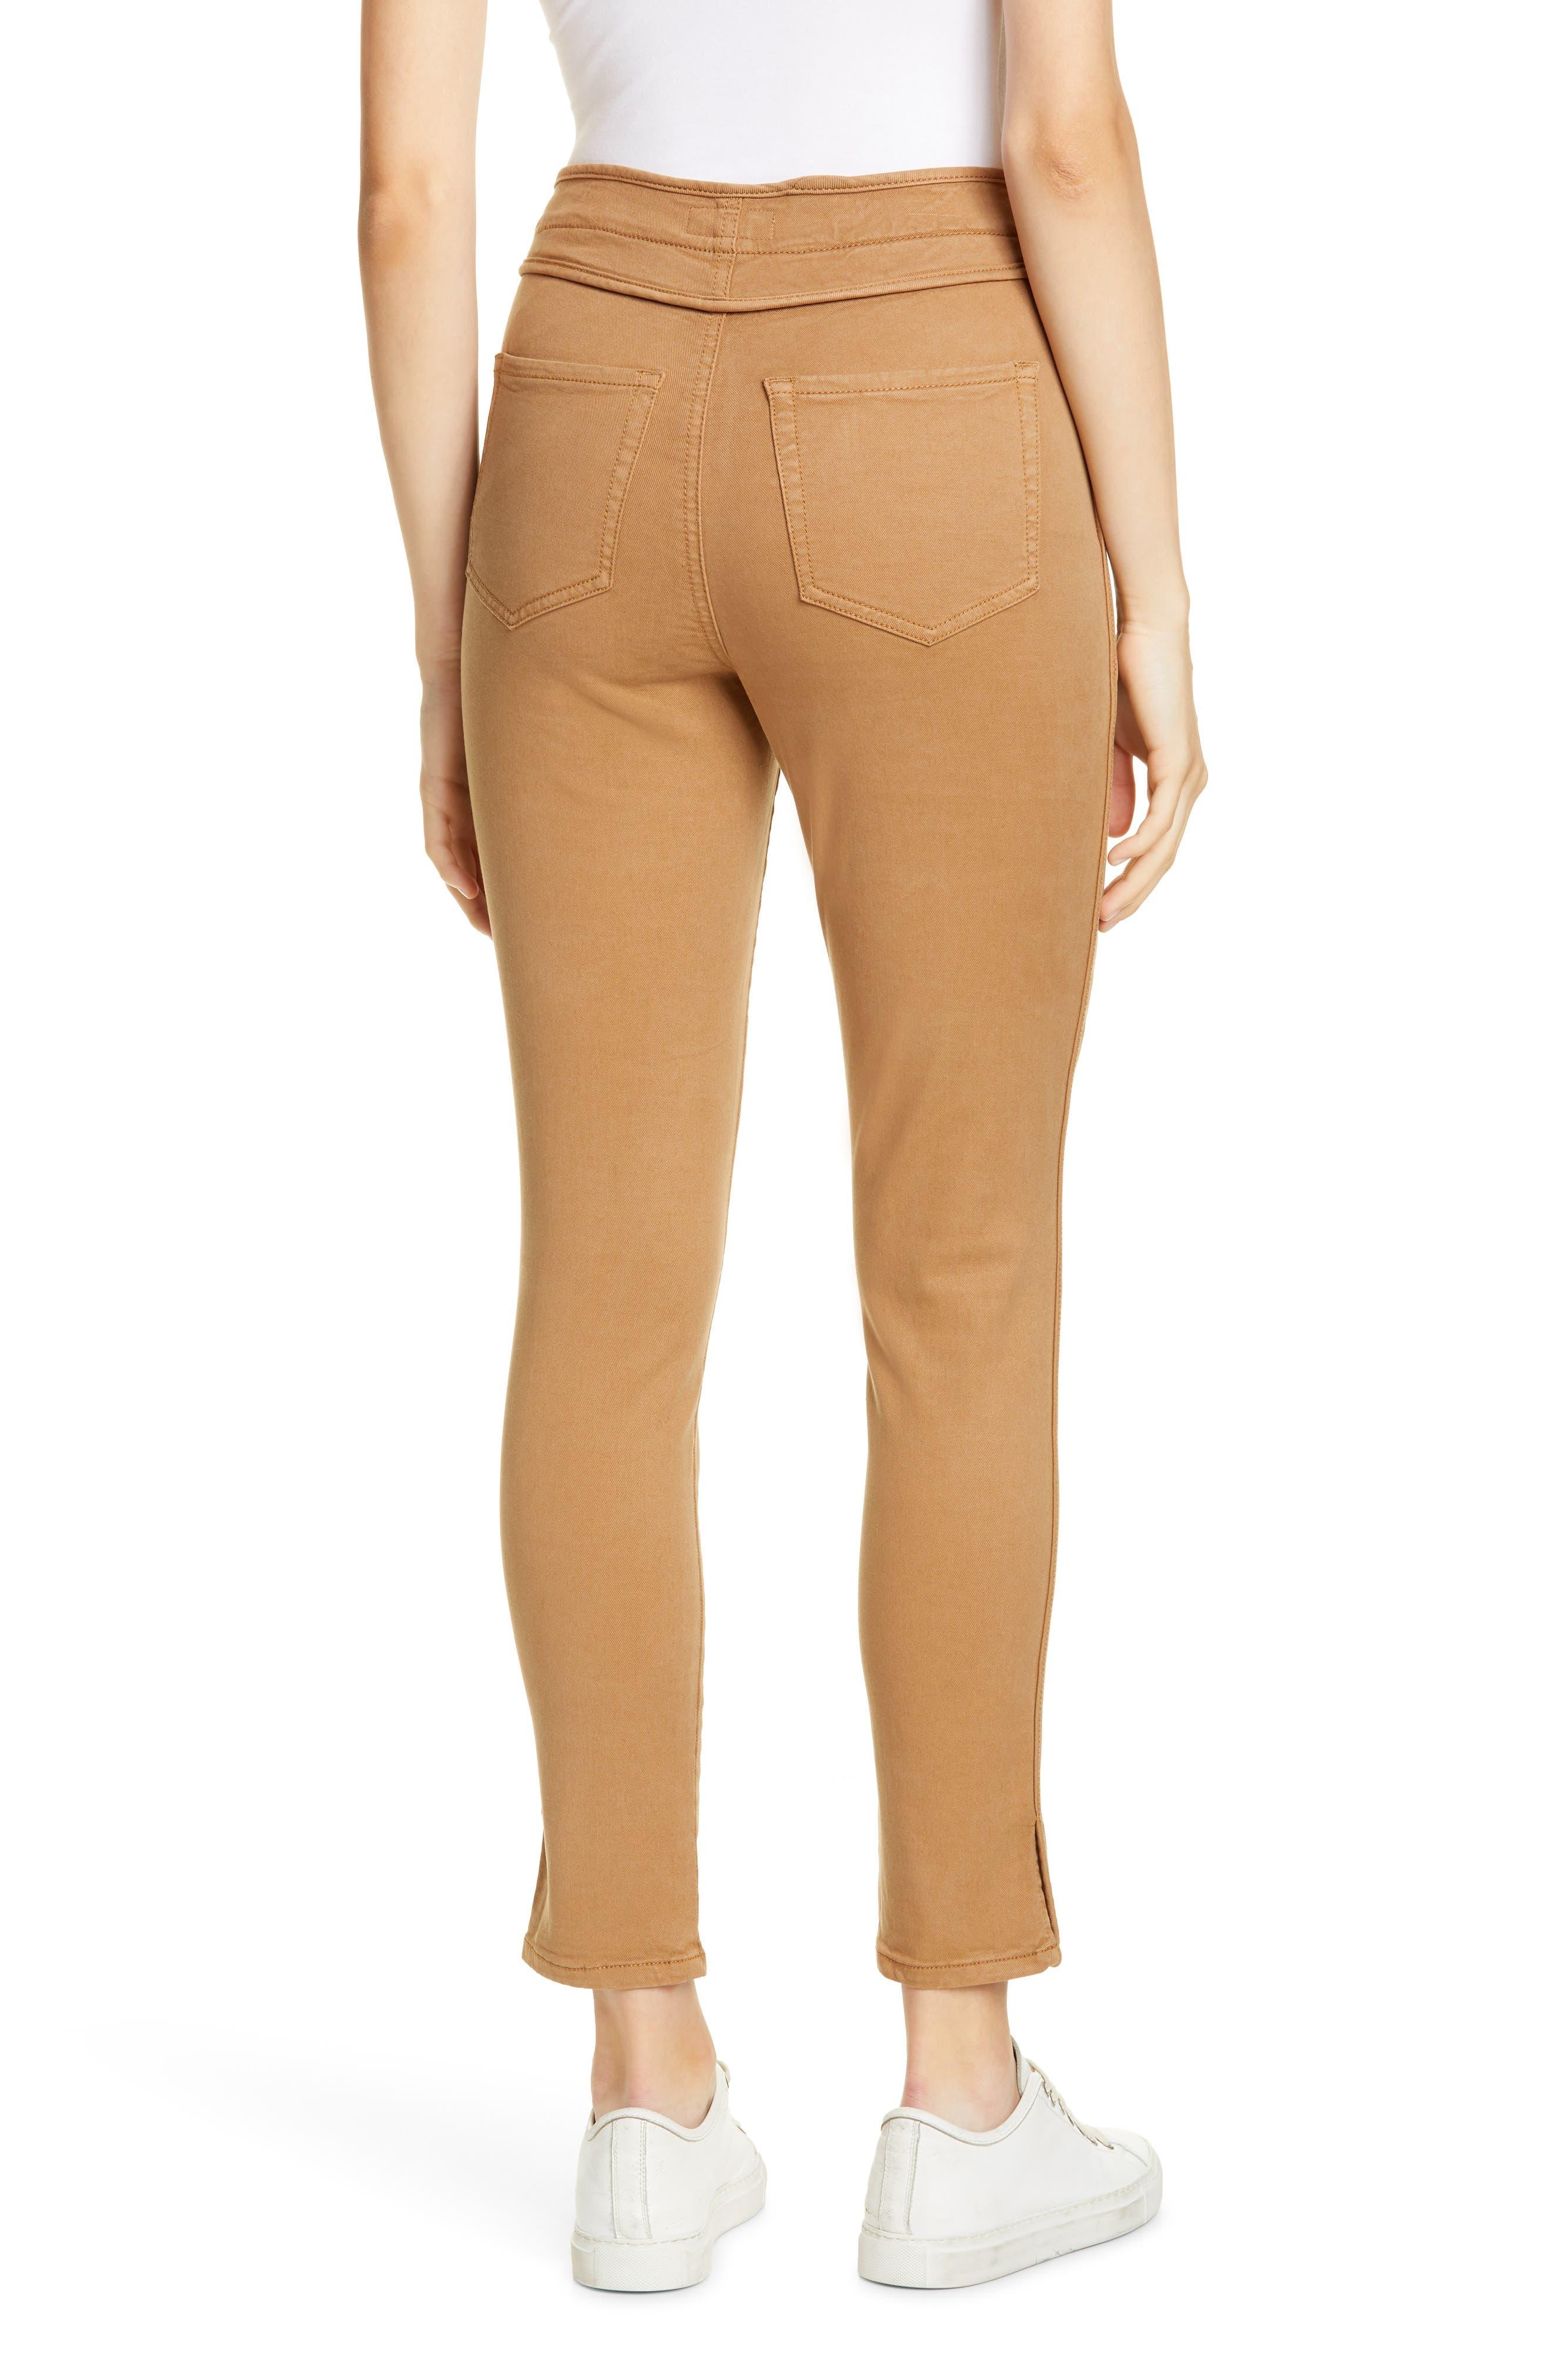 3c26d17f80162 Women's Joie Pants & Leggings   Nordstrom